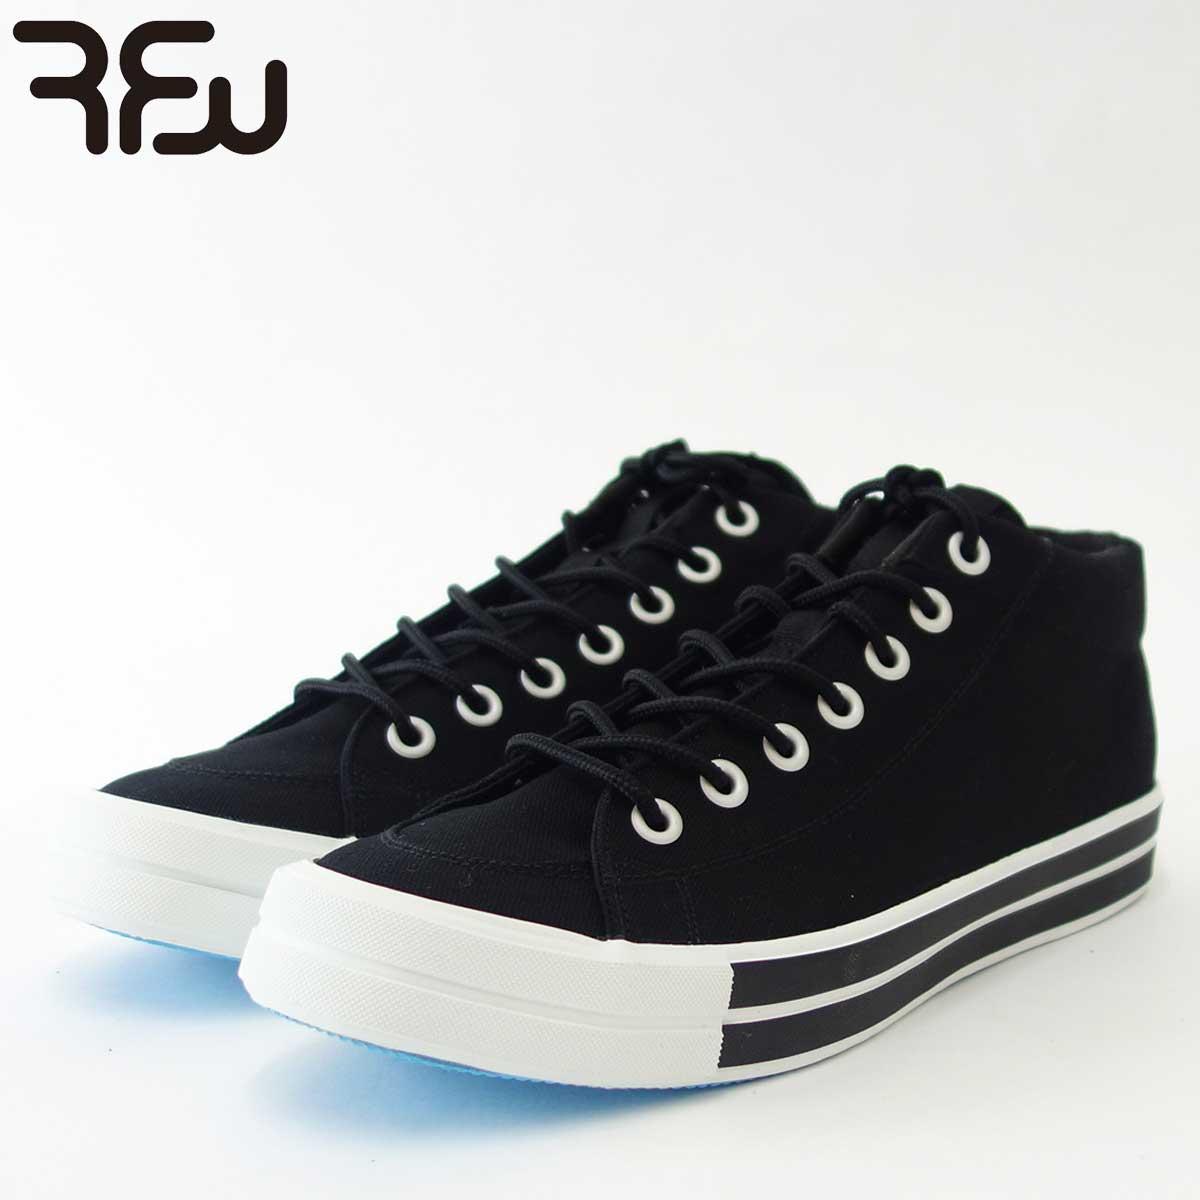 RFW アールエフダブリュー BAGEL-MID STANDARD(ユニセックス)1812031 カラー:ブラック キャンバスのミッドカットスニーカー 「靴」